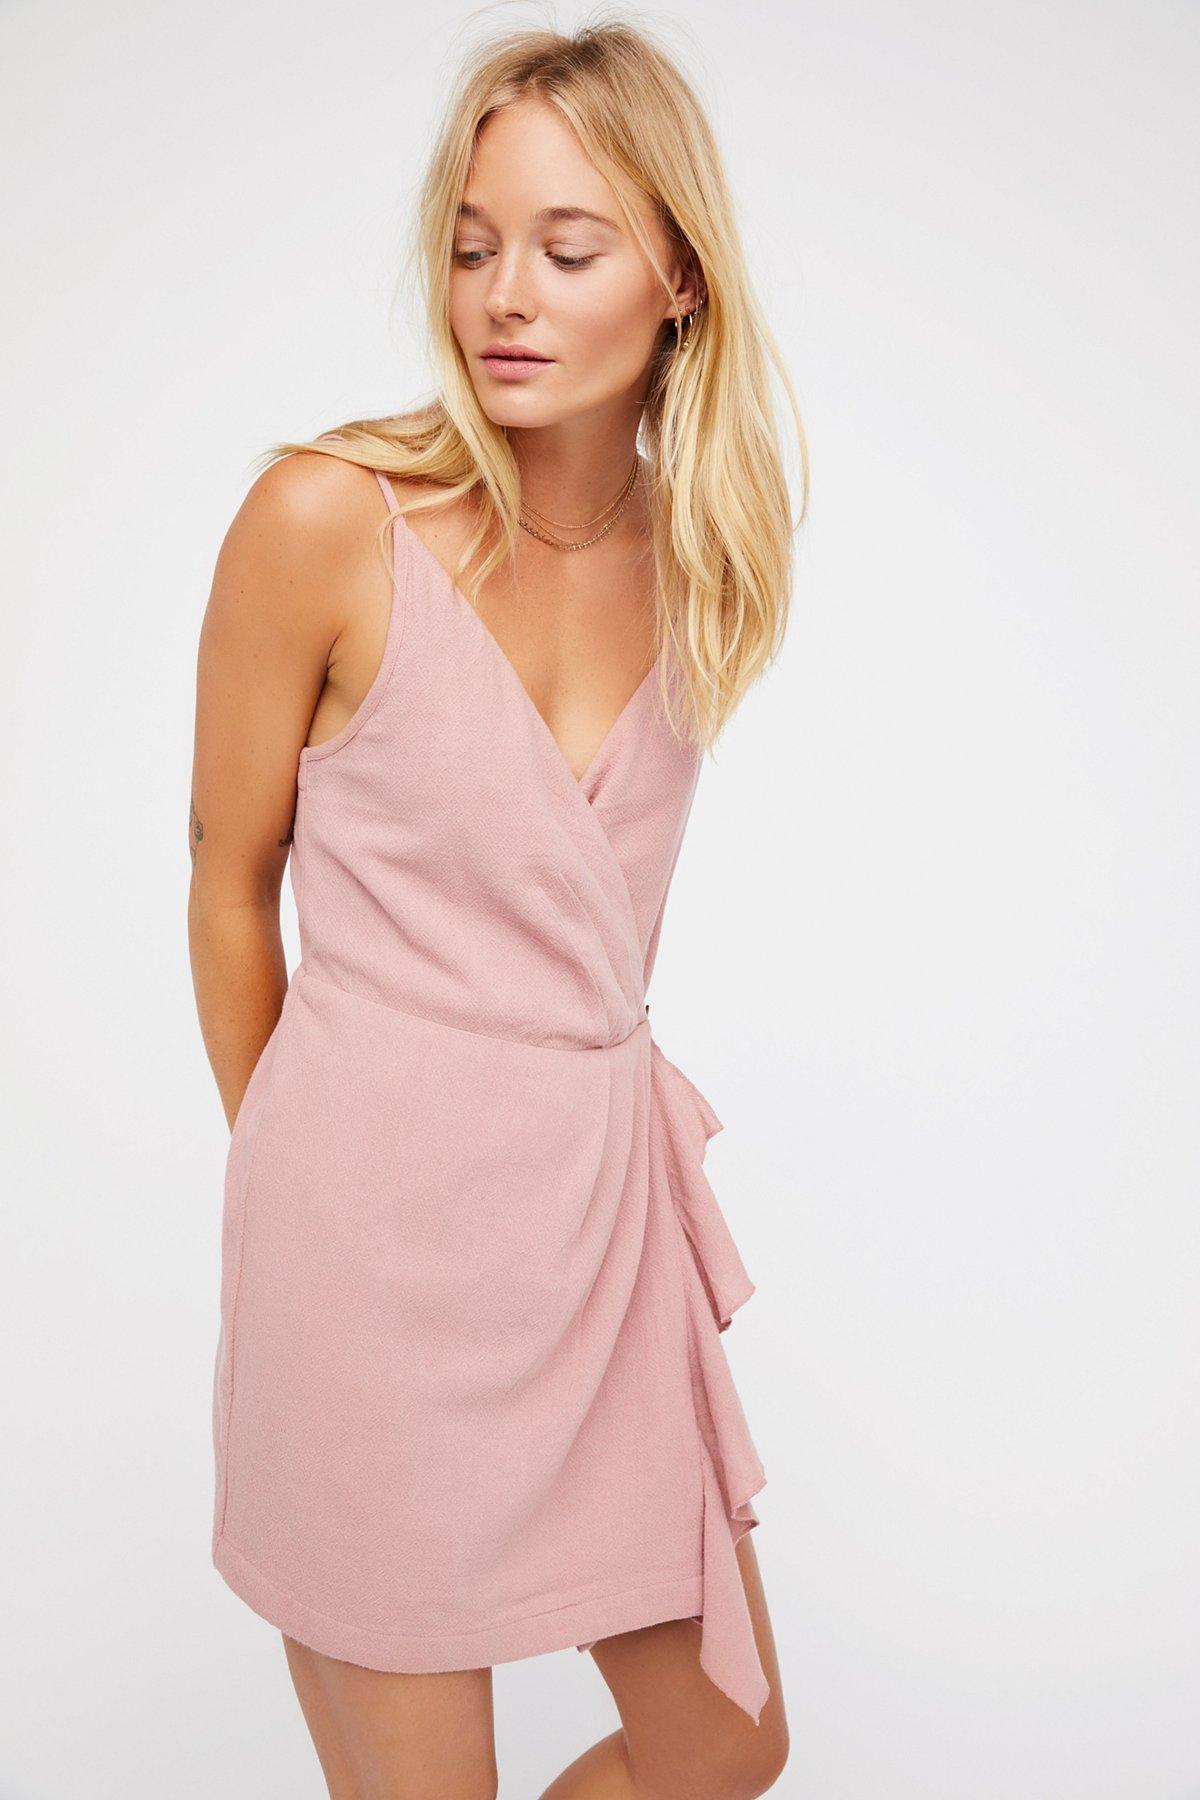 Call It Simple Love Mini Dress